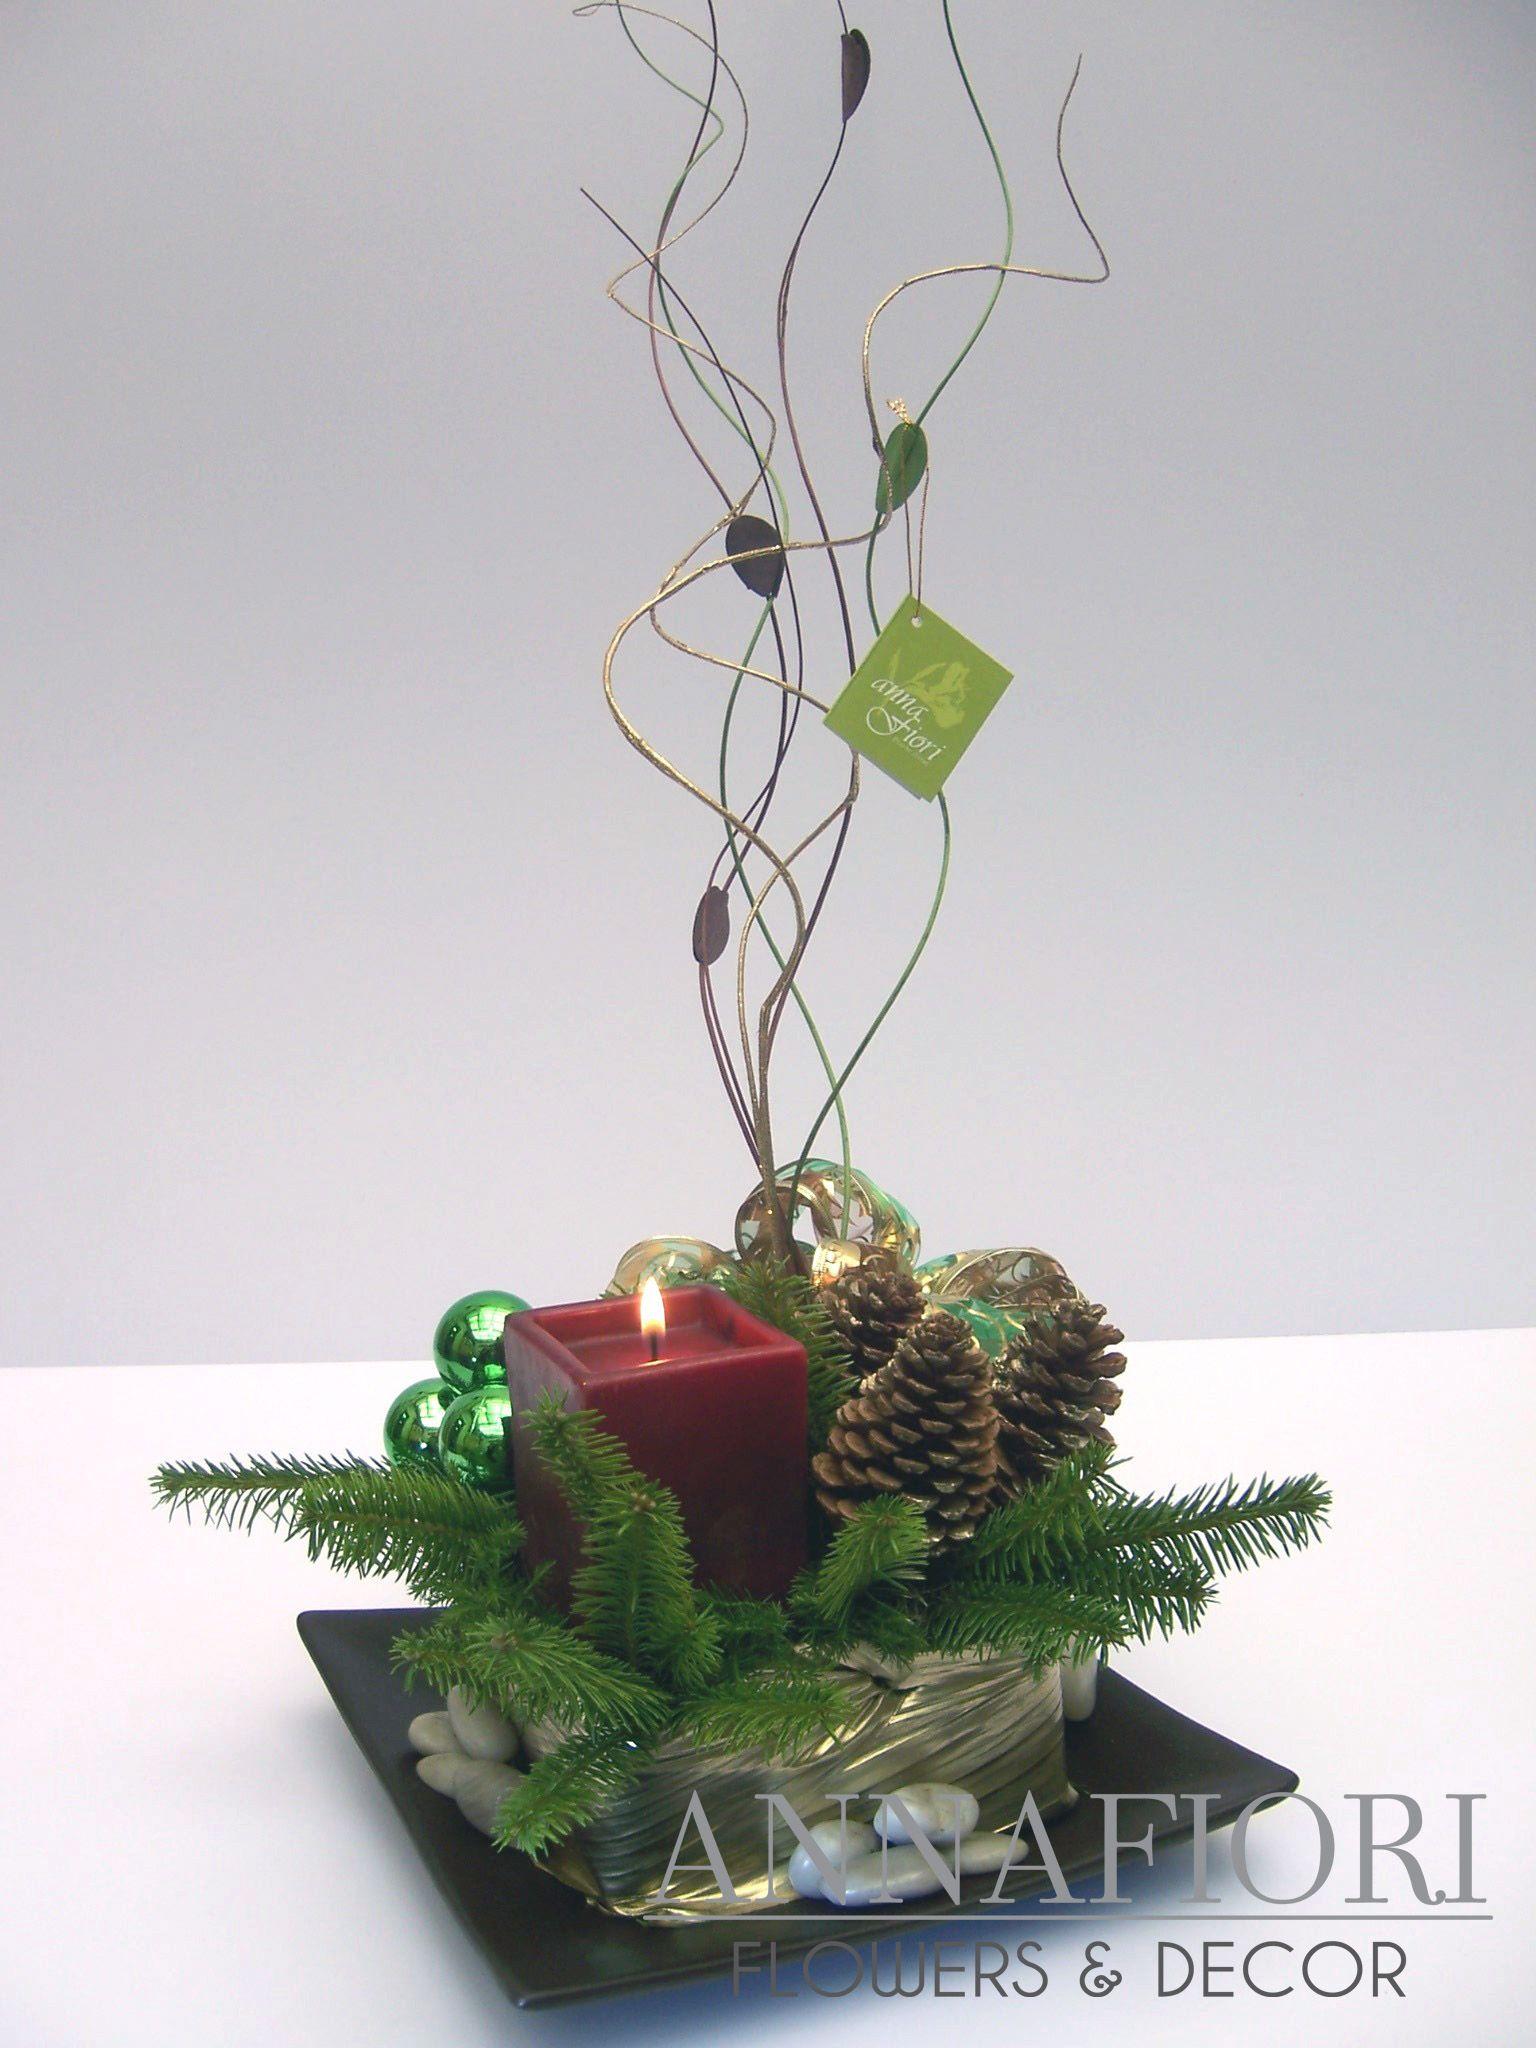 Arreglo floral centro de mesa navide o con vela roja - Centros florales navidenos ...